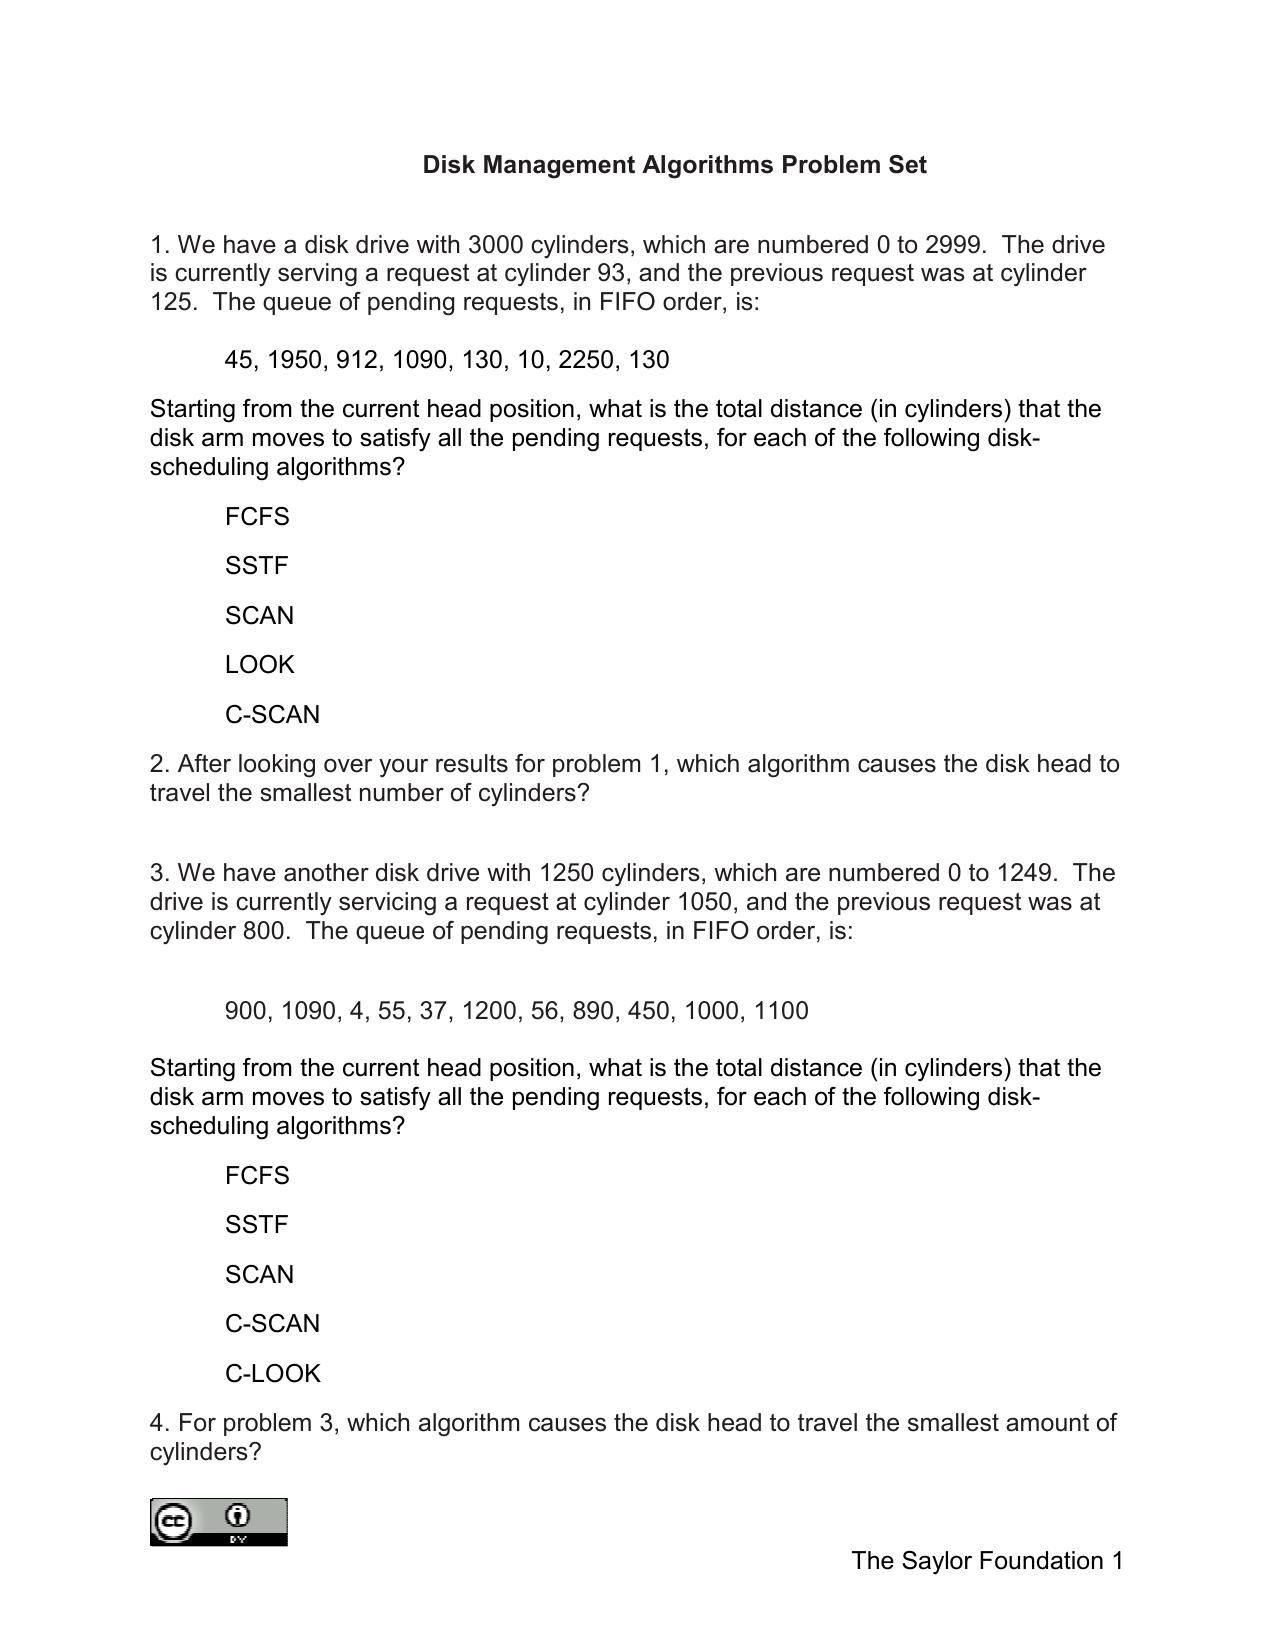 The Saylor Foundation 1 Disk Management Algorithms Problem